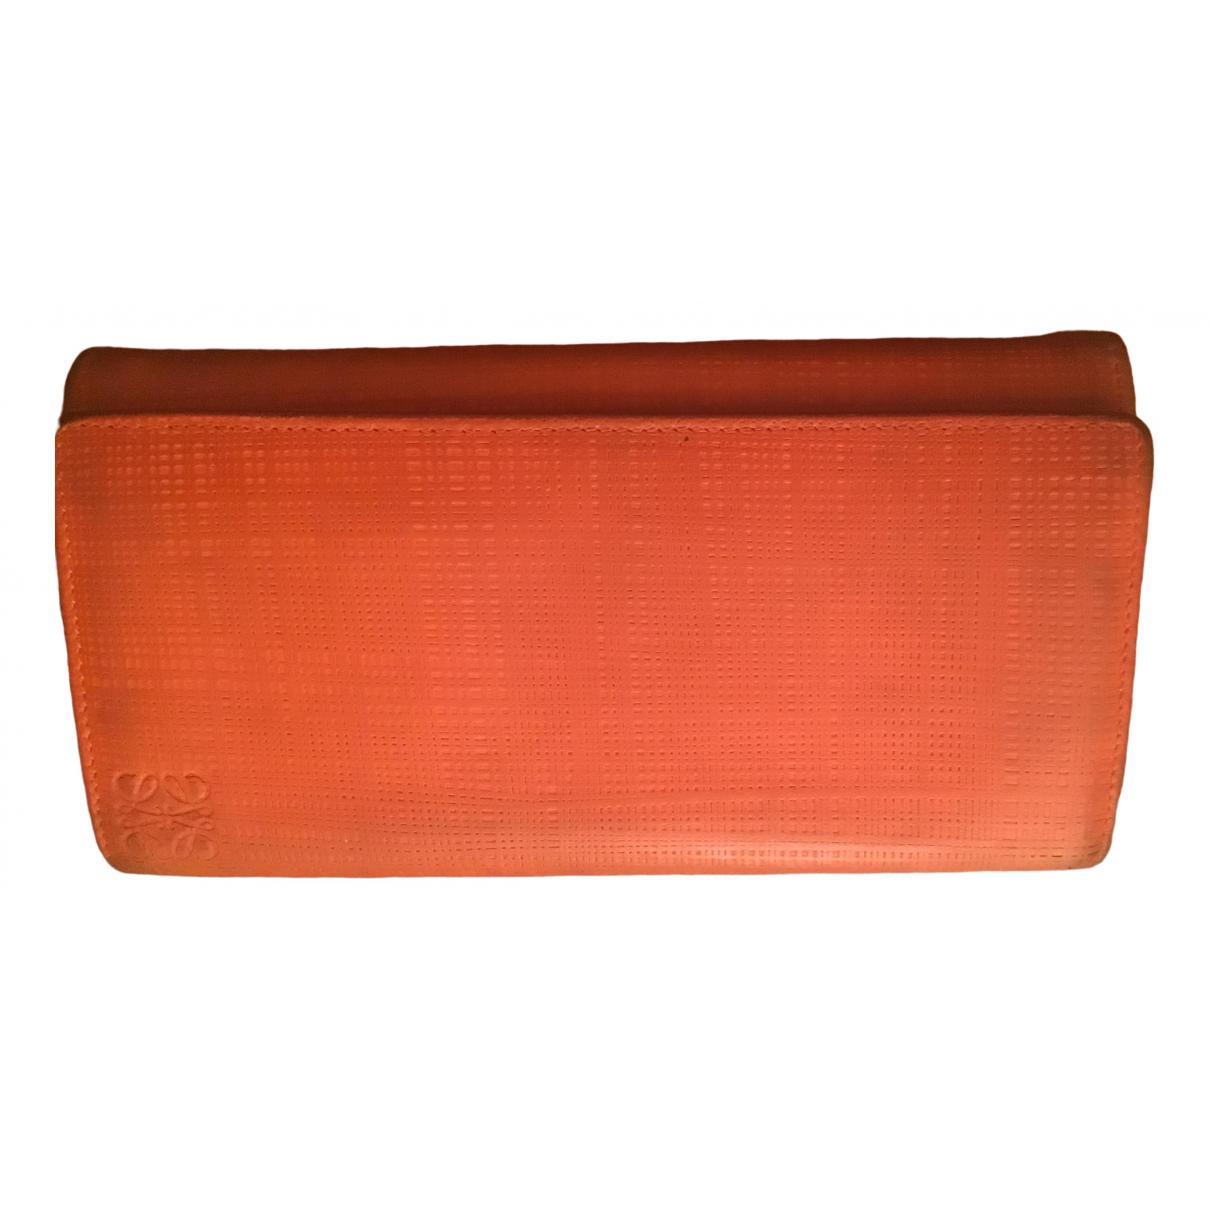 Loewe \N Portemonnaie in  Orange Leder